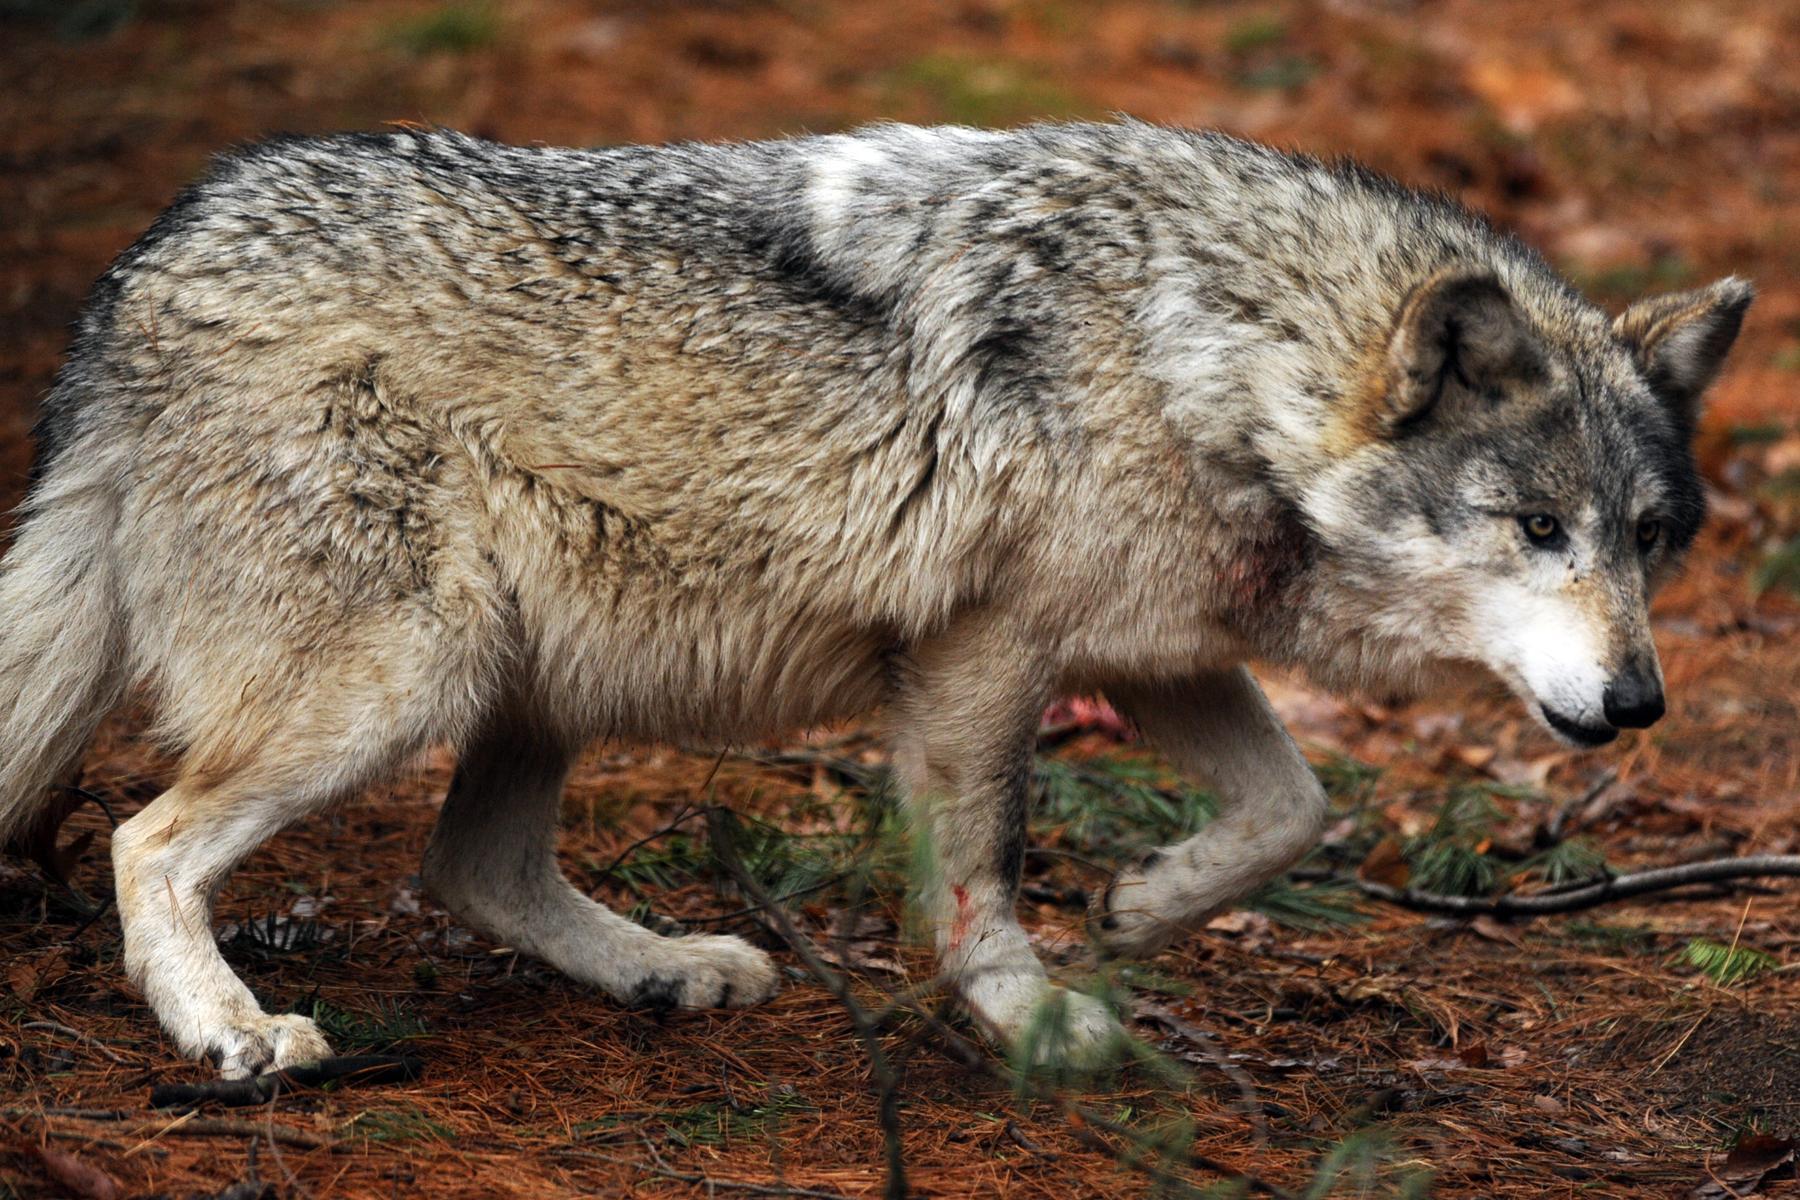 картинка трусливого волка цвет рядом